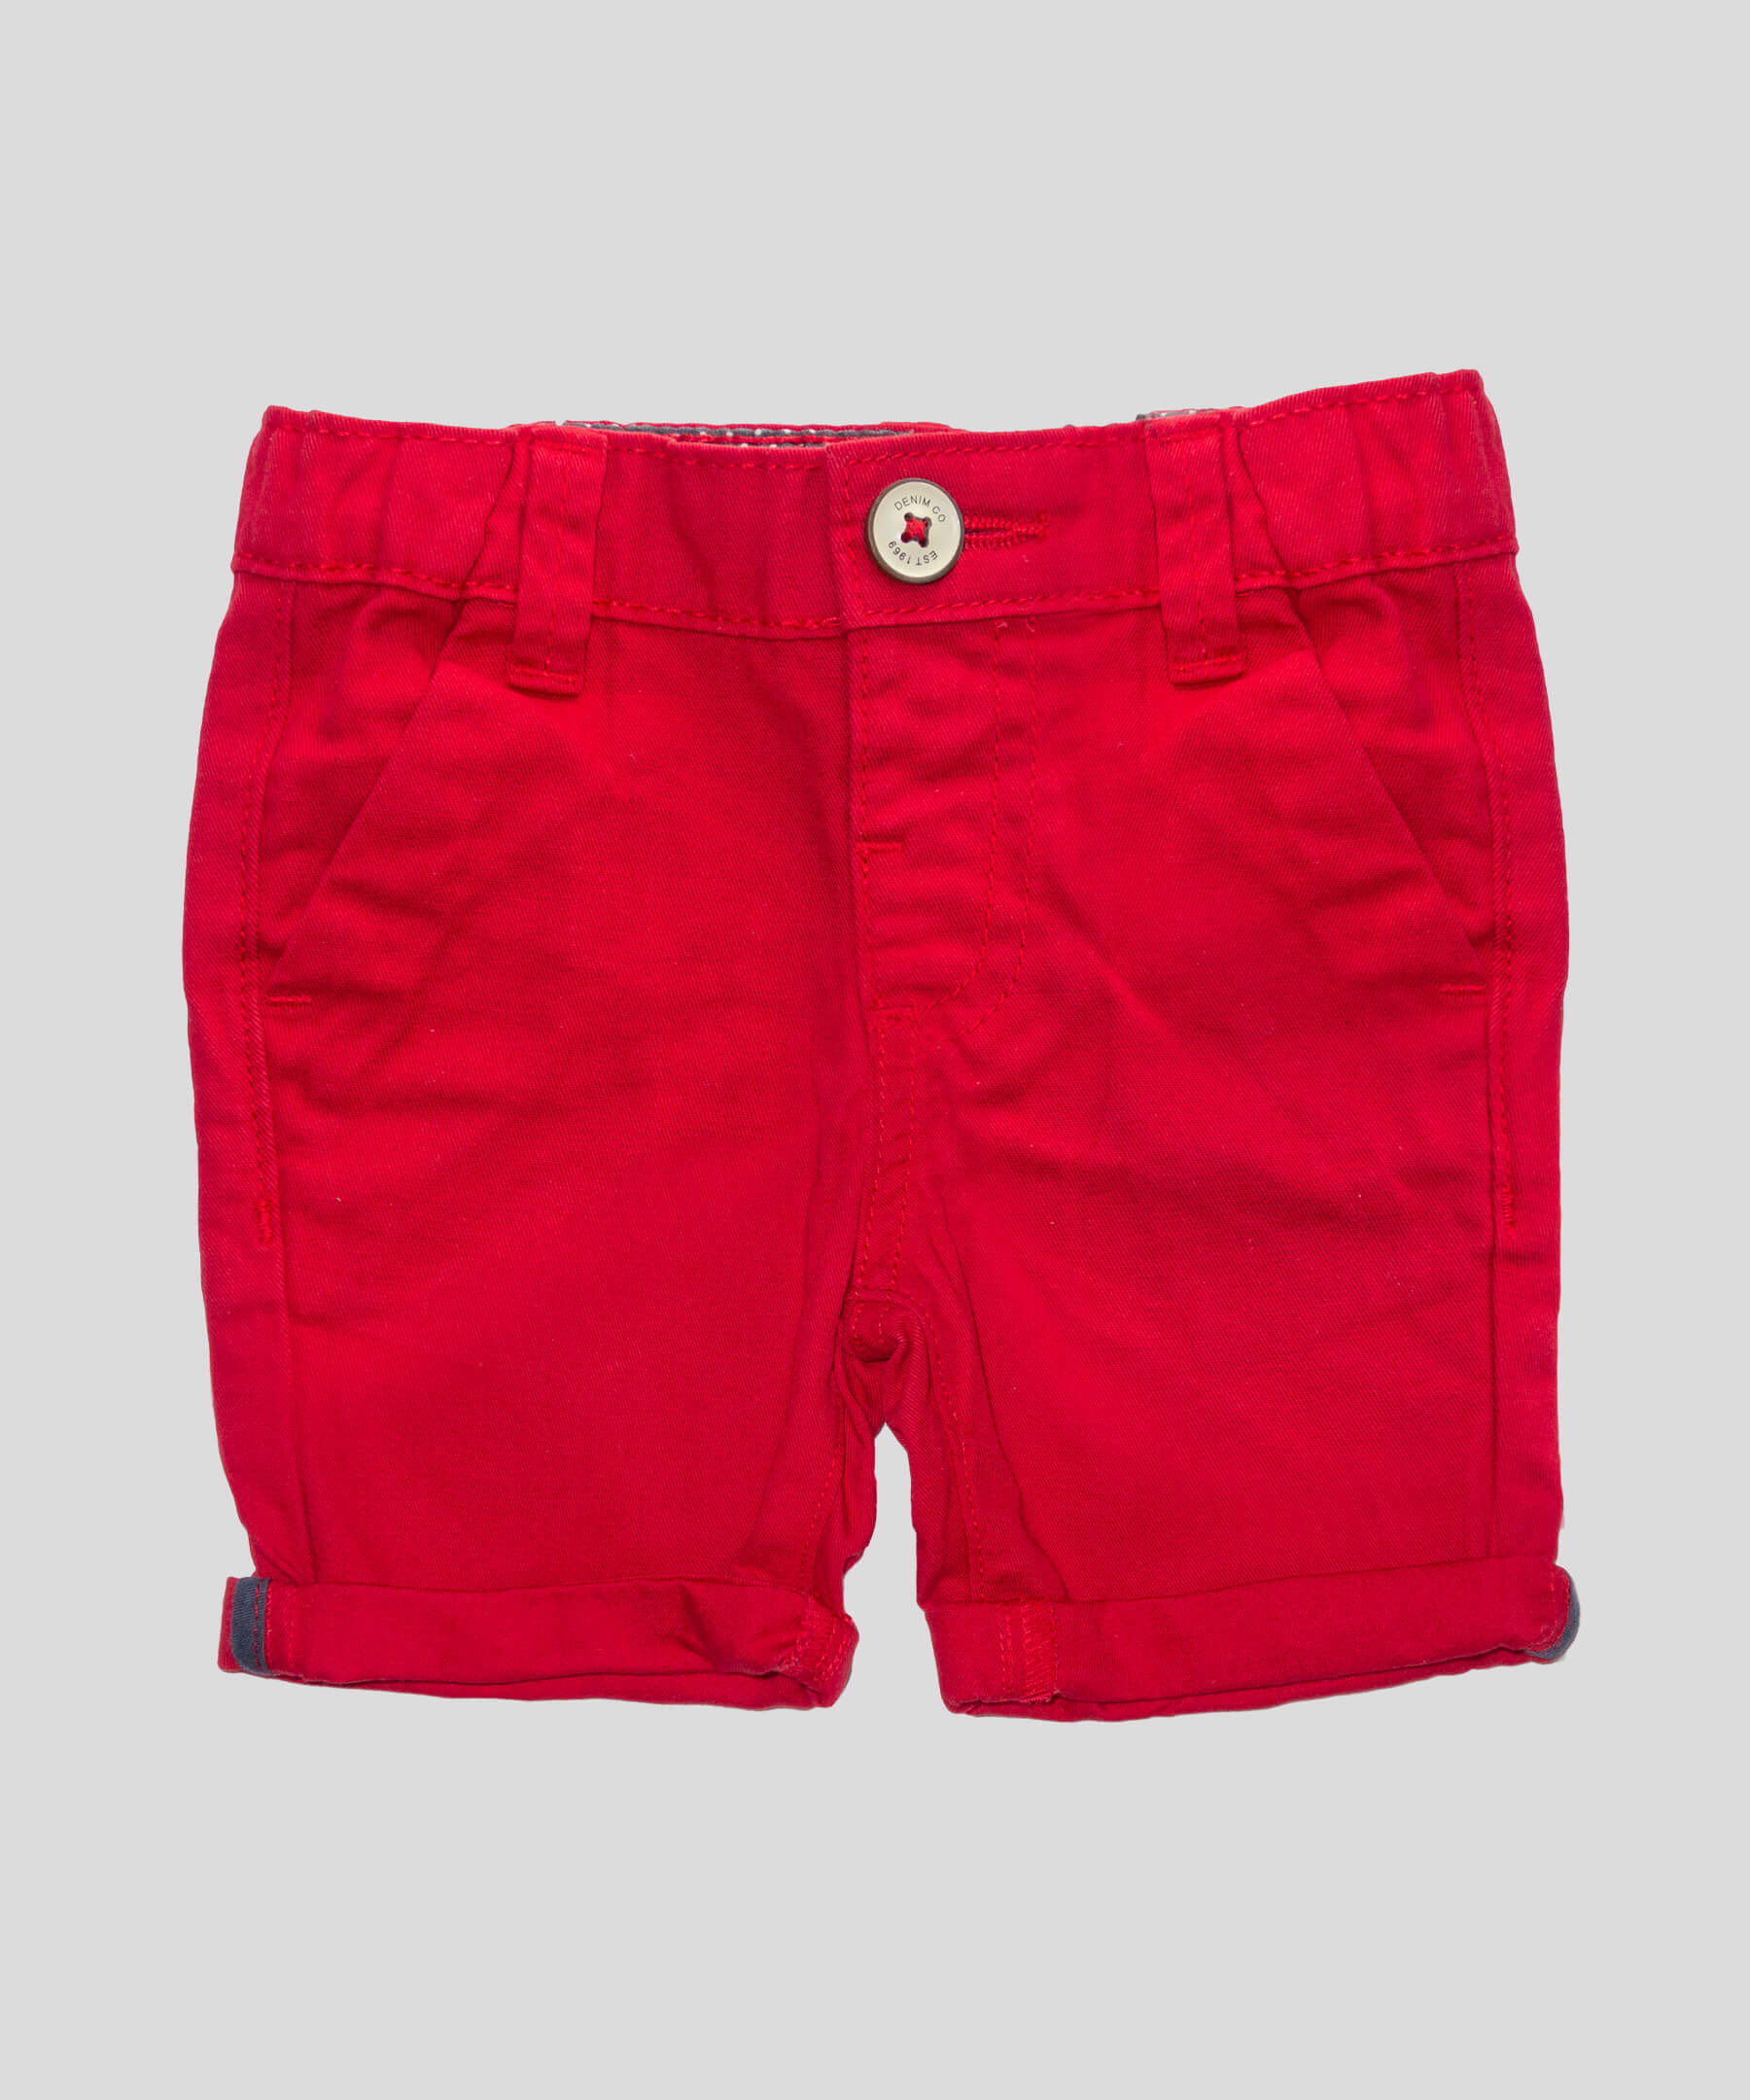 2558ccf0c2e Къси панталонки в червен цвят от 100% памук | just KIDDING